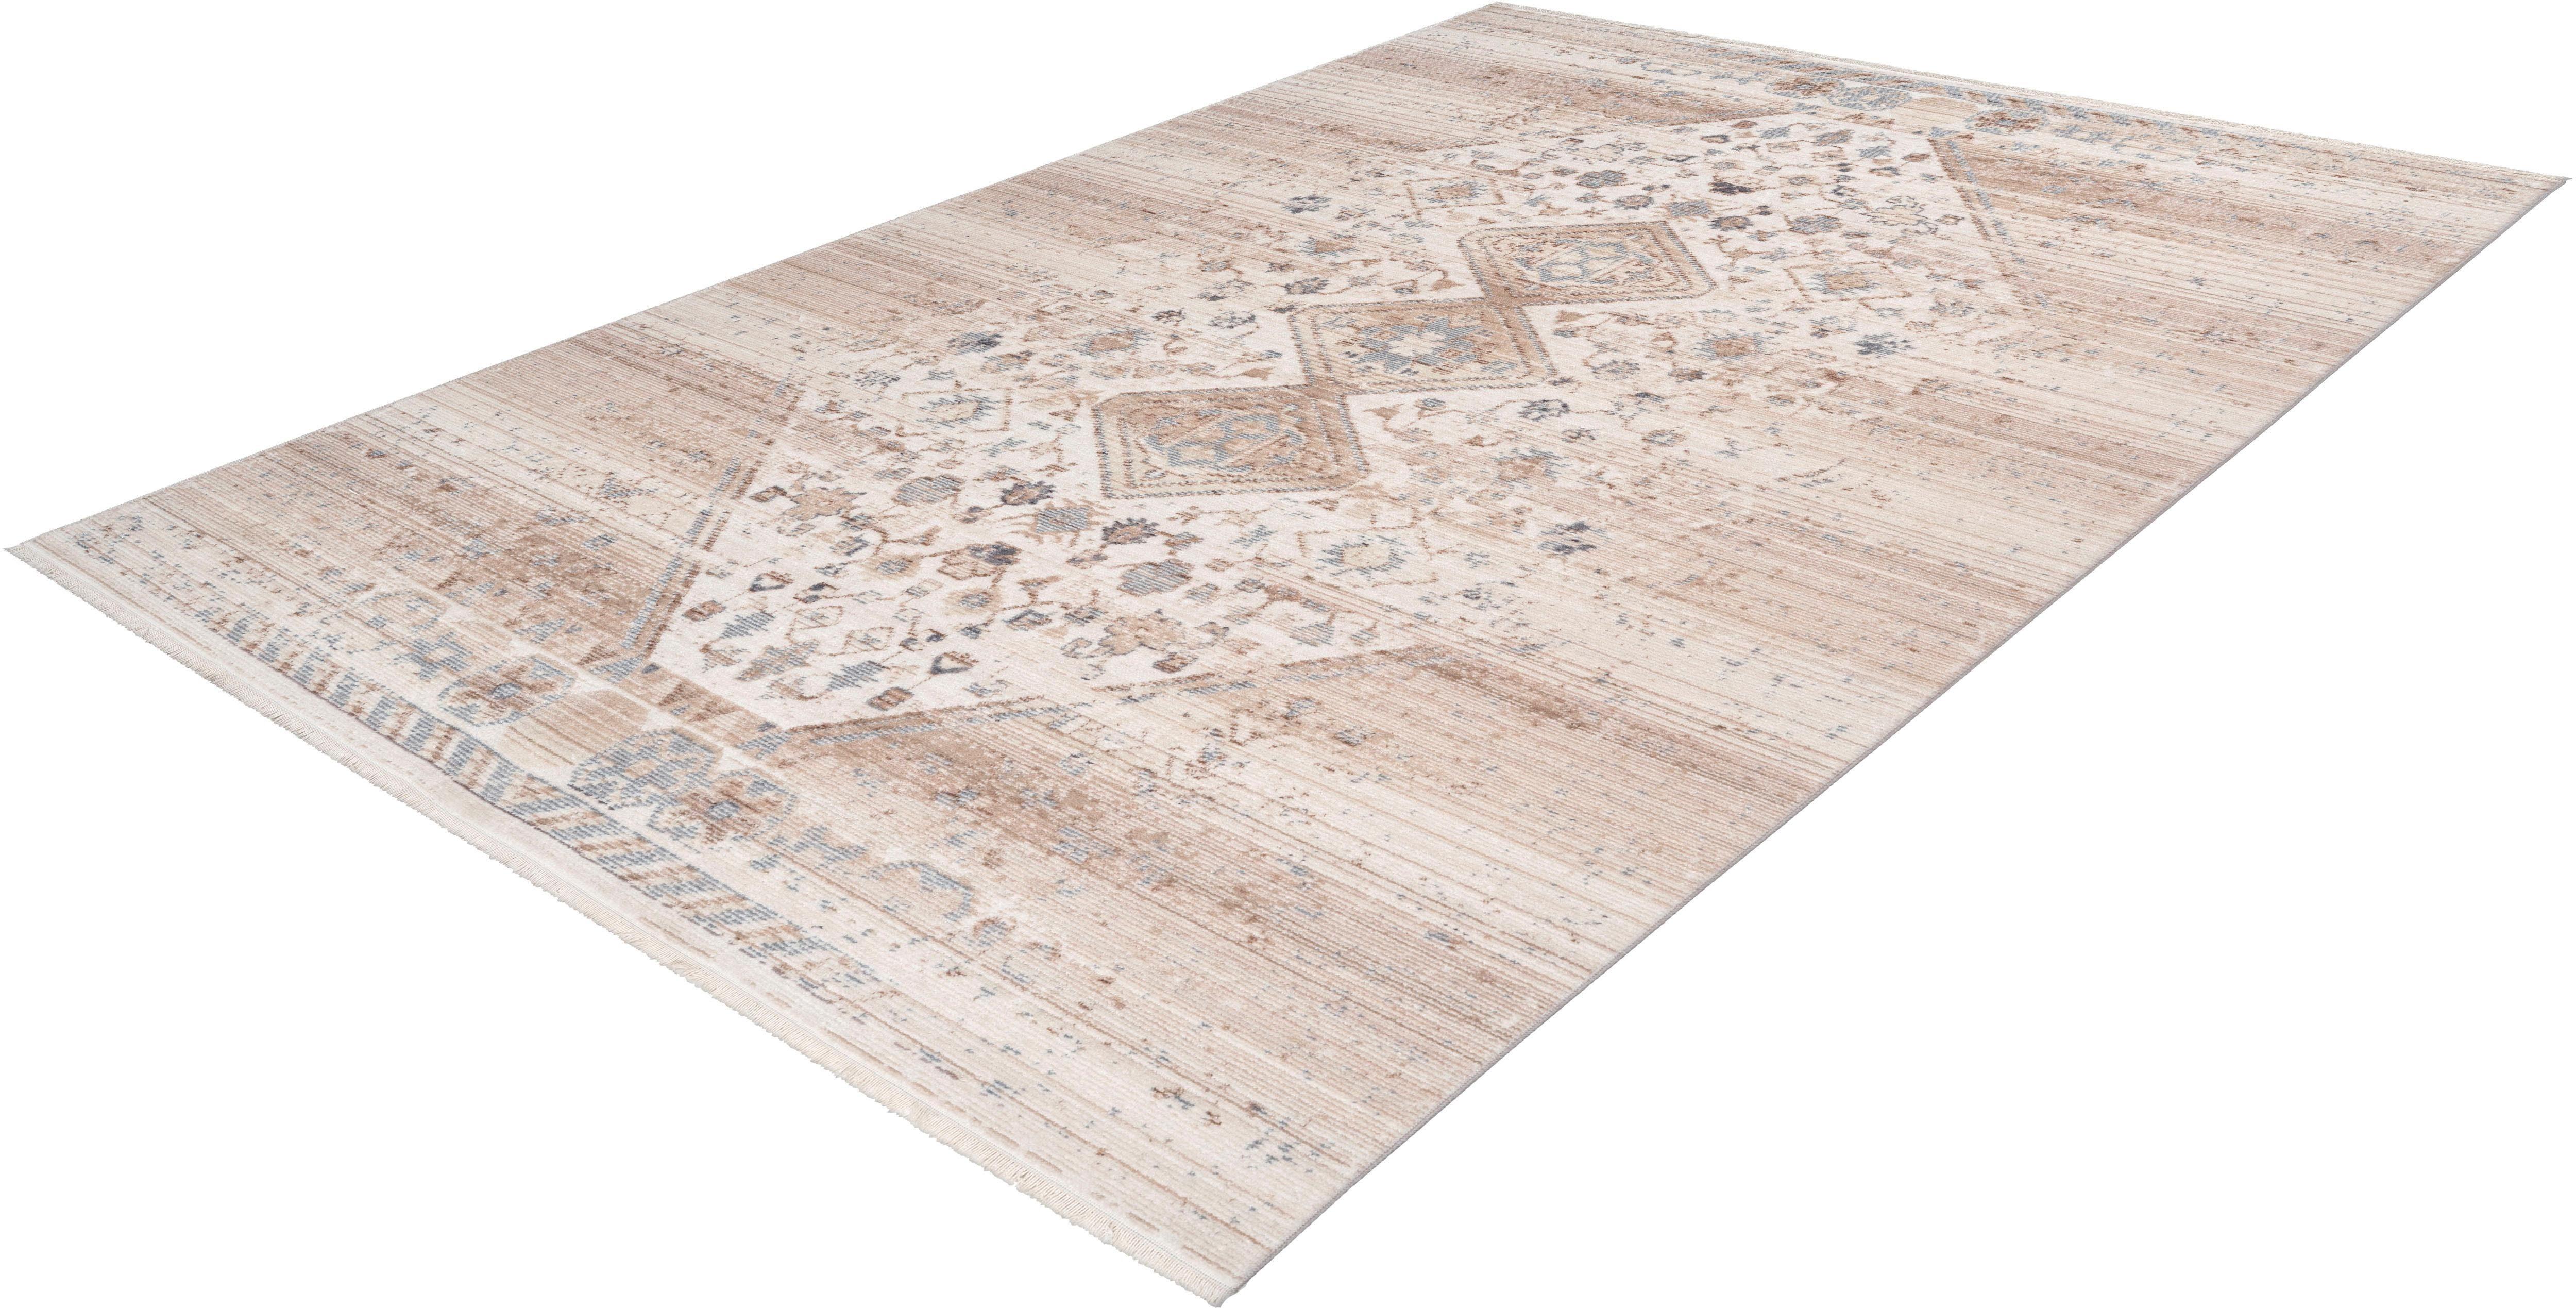 Teppich Estelle Home affaire rechteckig Höhe 5 mm maschinell gewebt